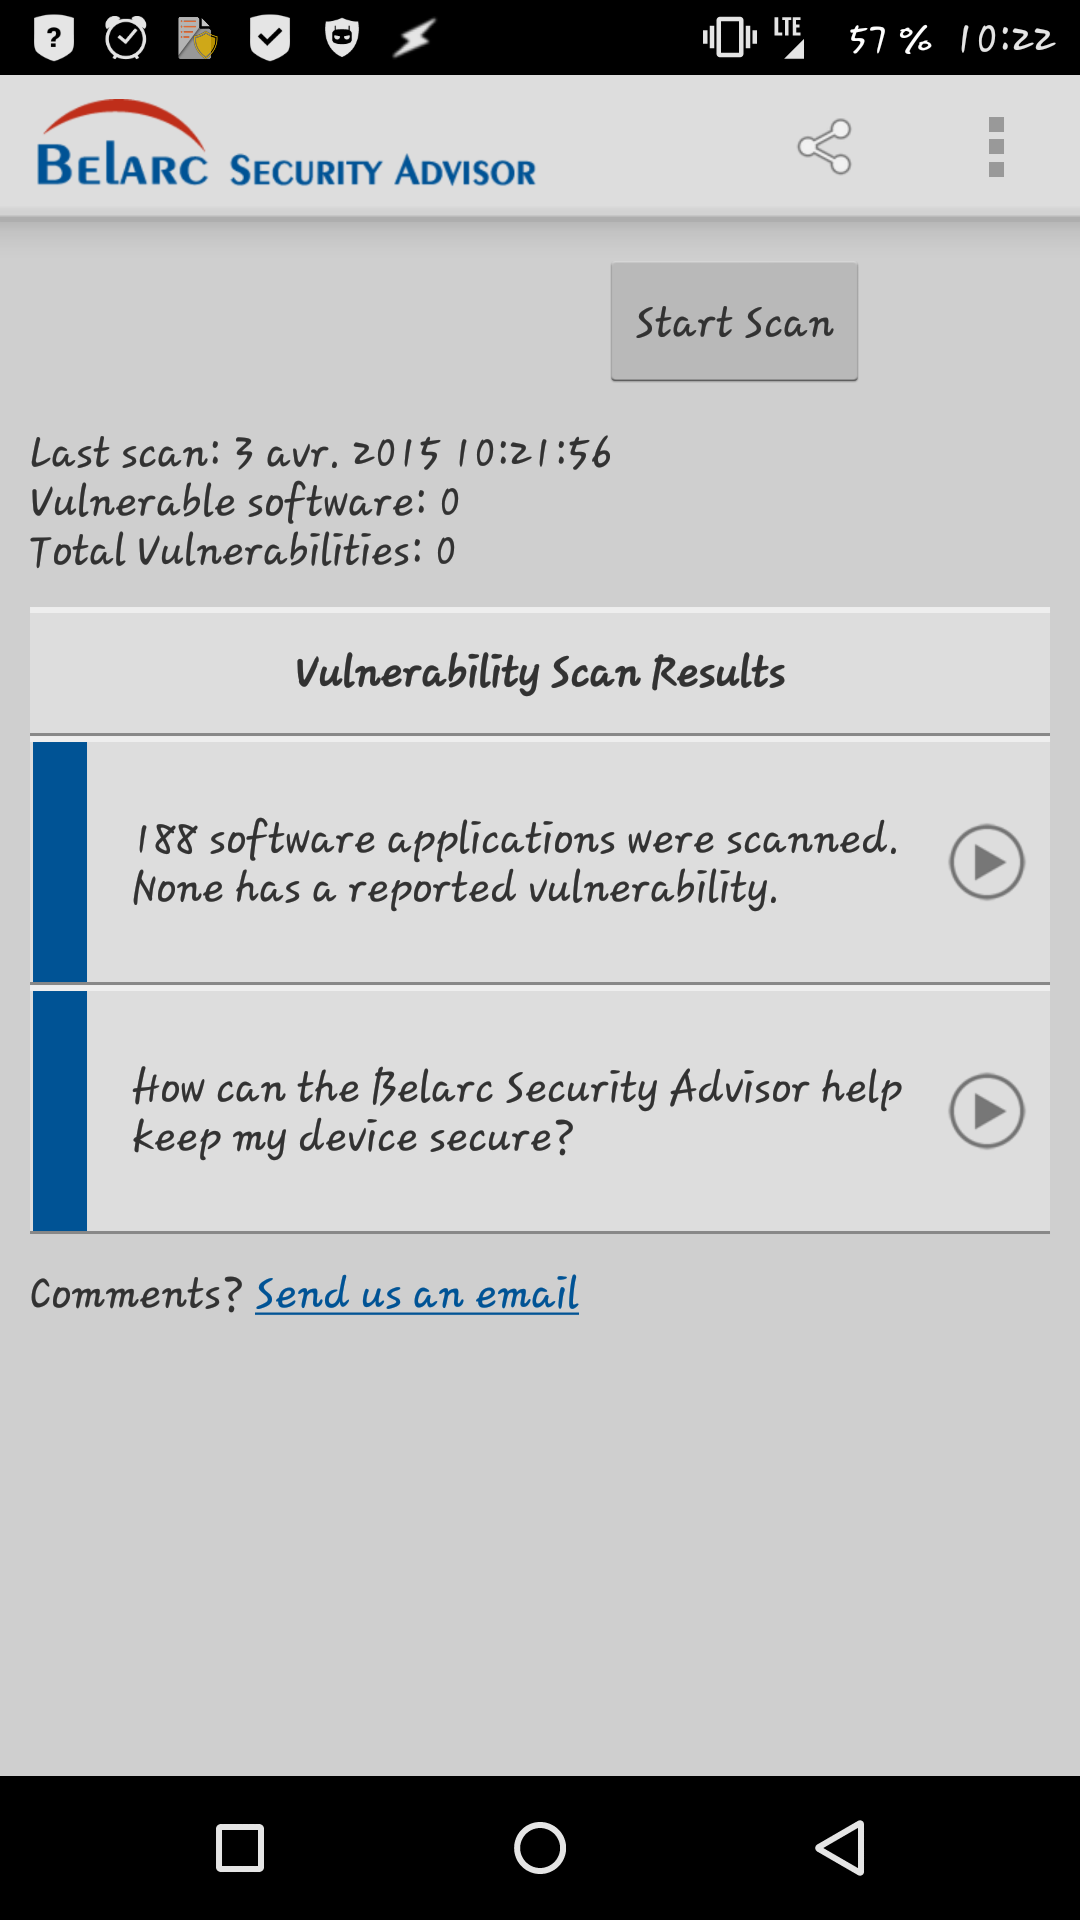 [APPLICATION ANDROID - SECURITY ADVISOR] Scan de sécurité de vos applications [Gratuit] 142803691270219